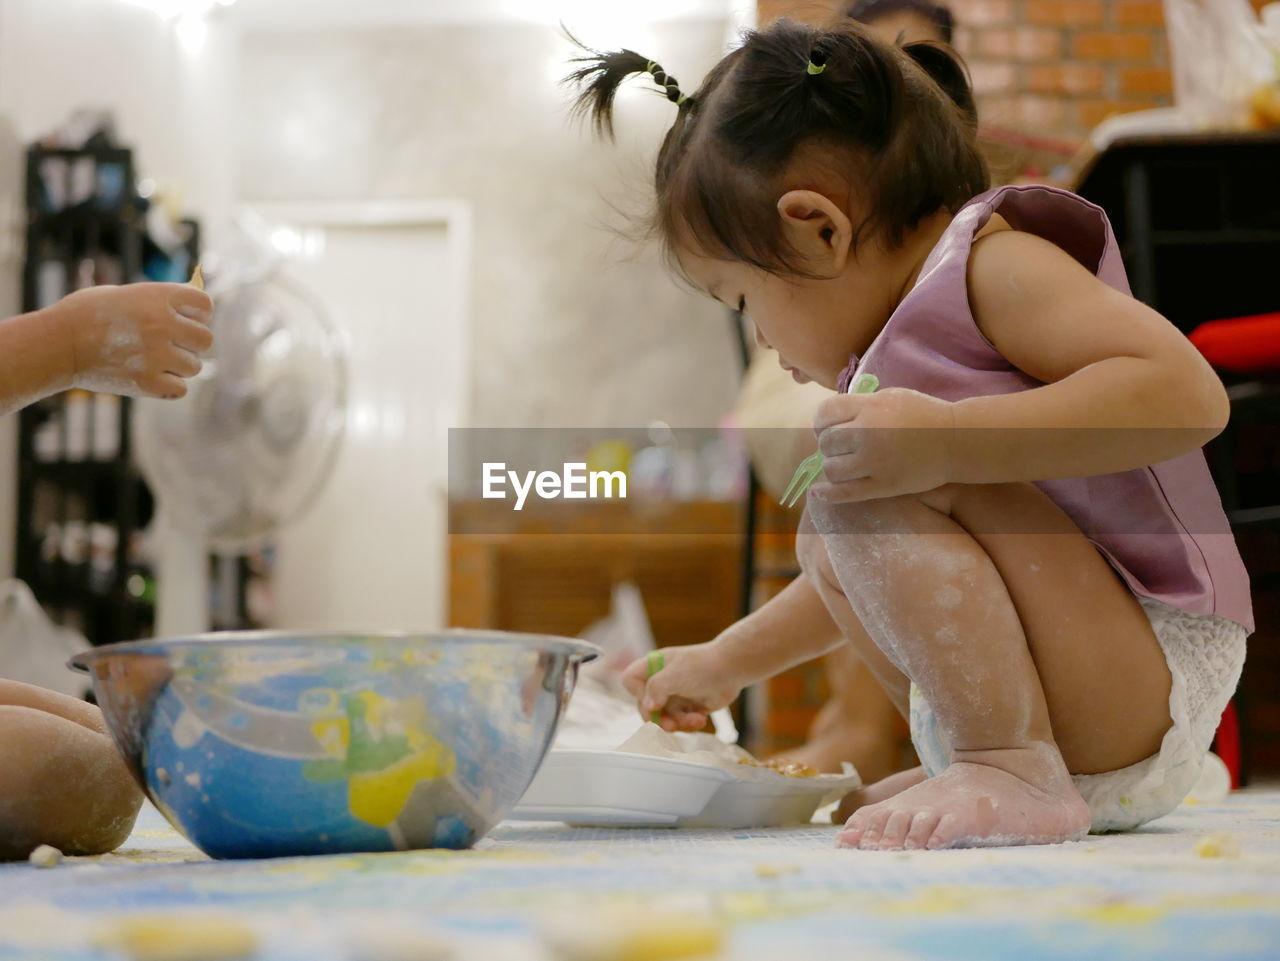 Baby preparing food while sitting on floor